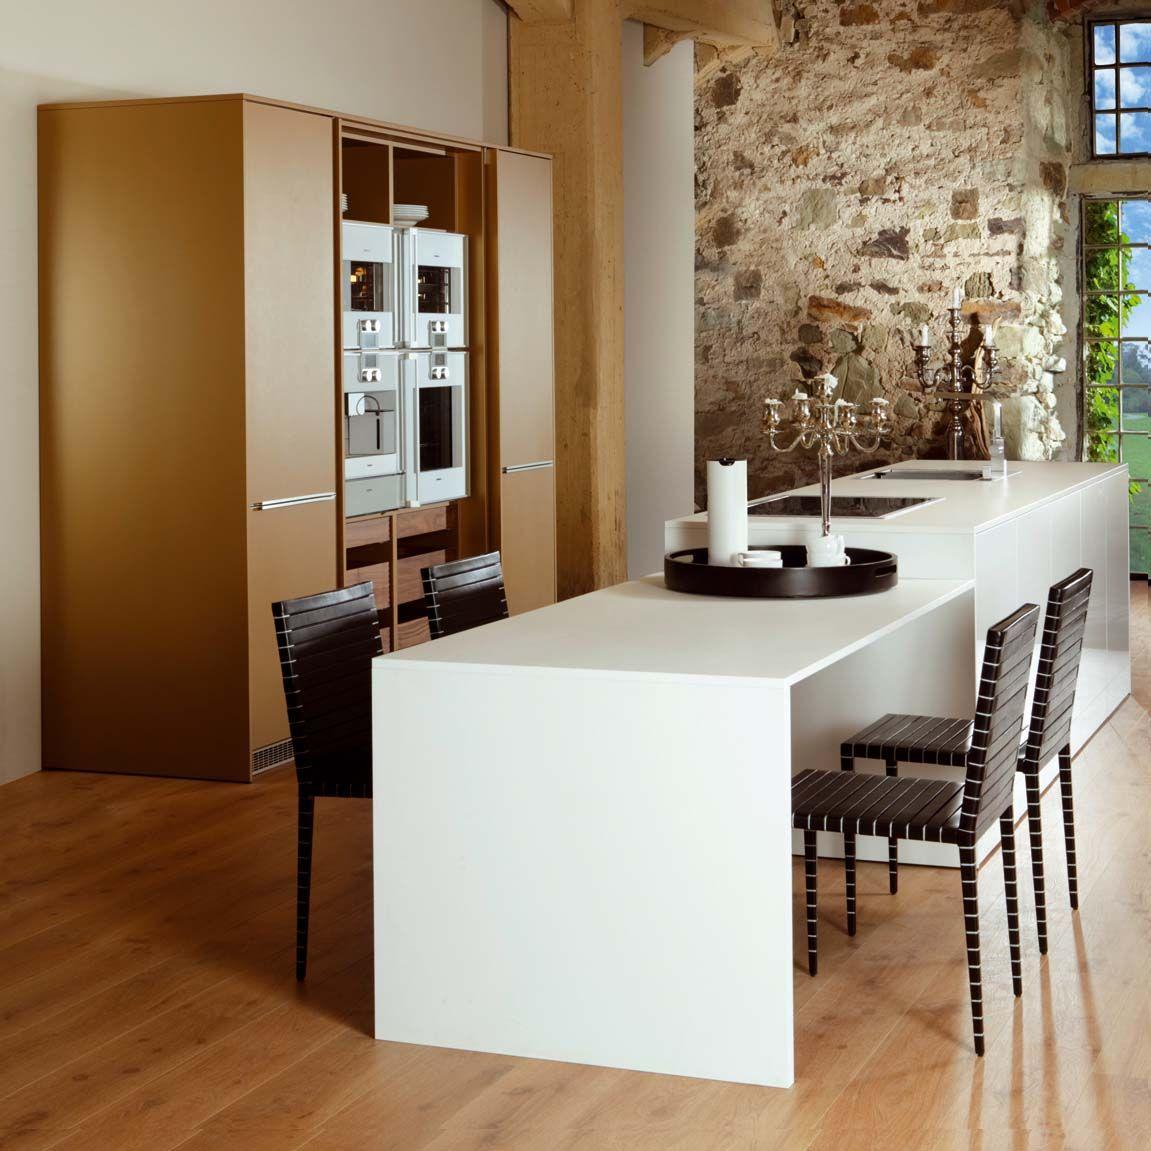 Muebles A Medida Salamanca Top Caprichos De Hogar Salamanca  # Muebles Rodero Salamanca